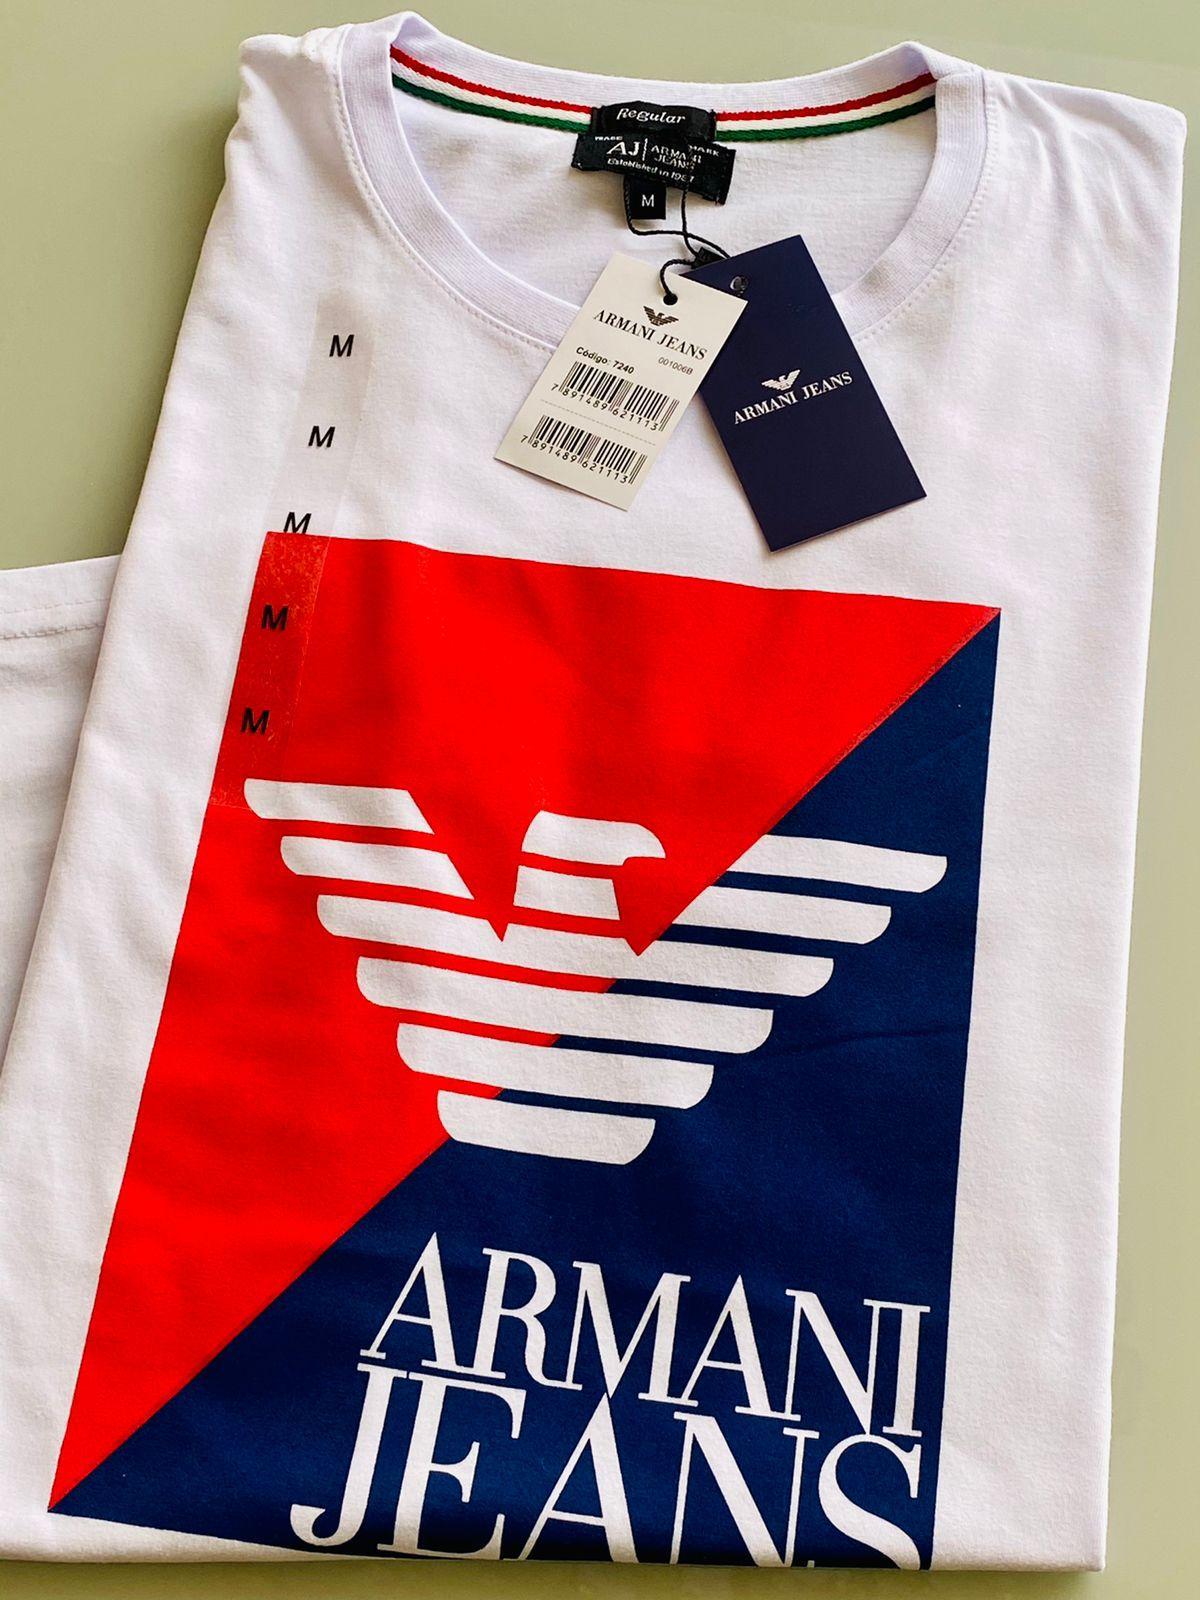 Camiseta Masculina Armani Jeans Estampada Premium (cada)